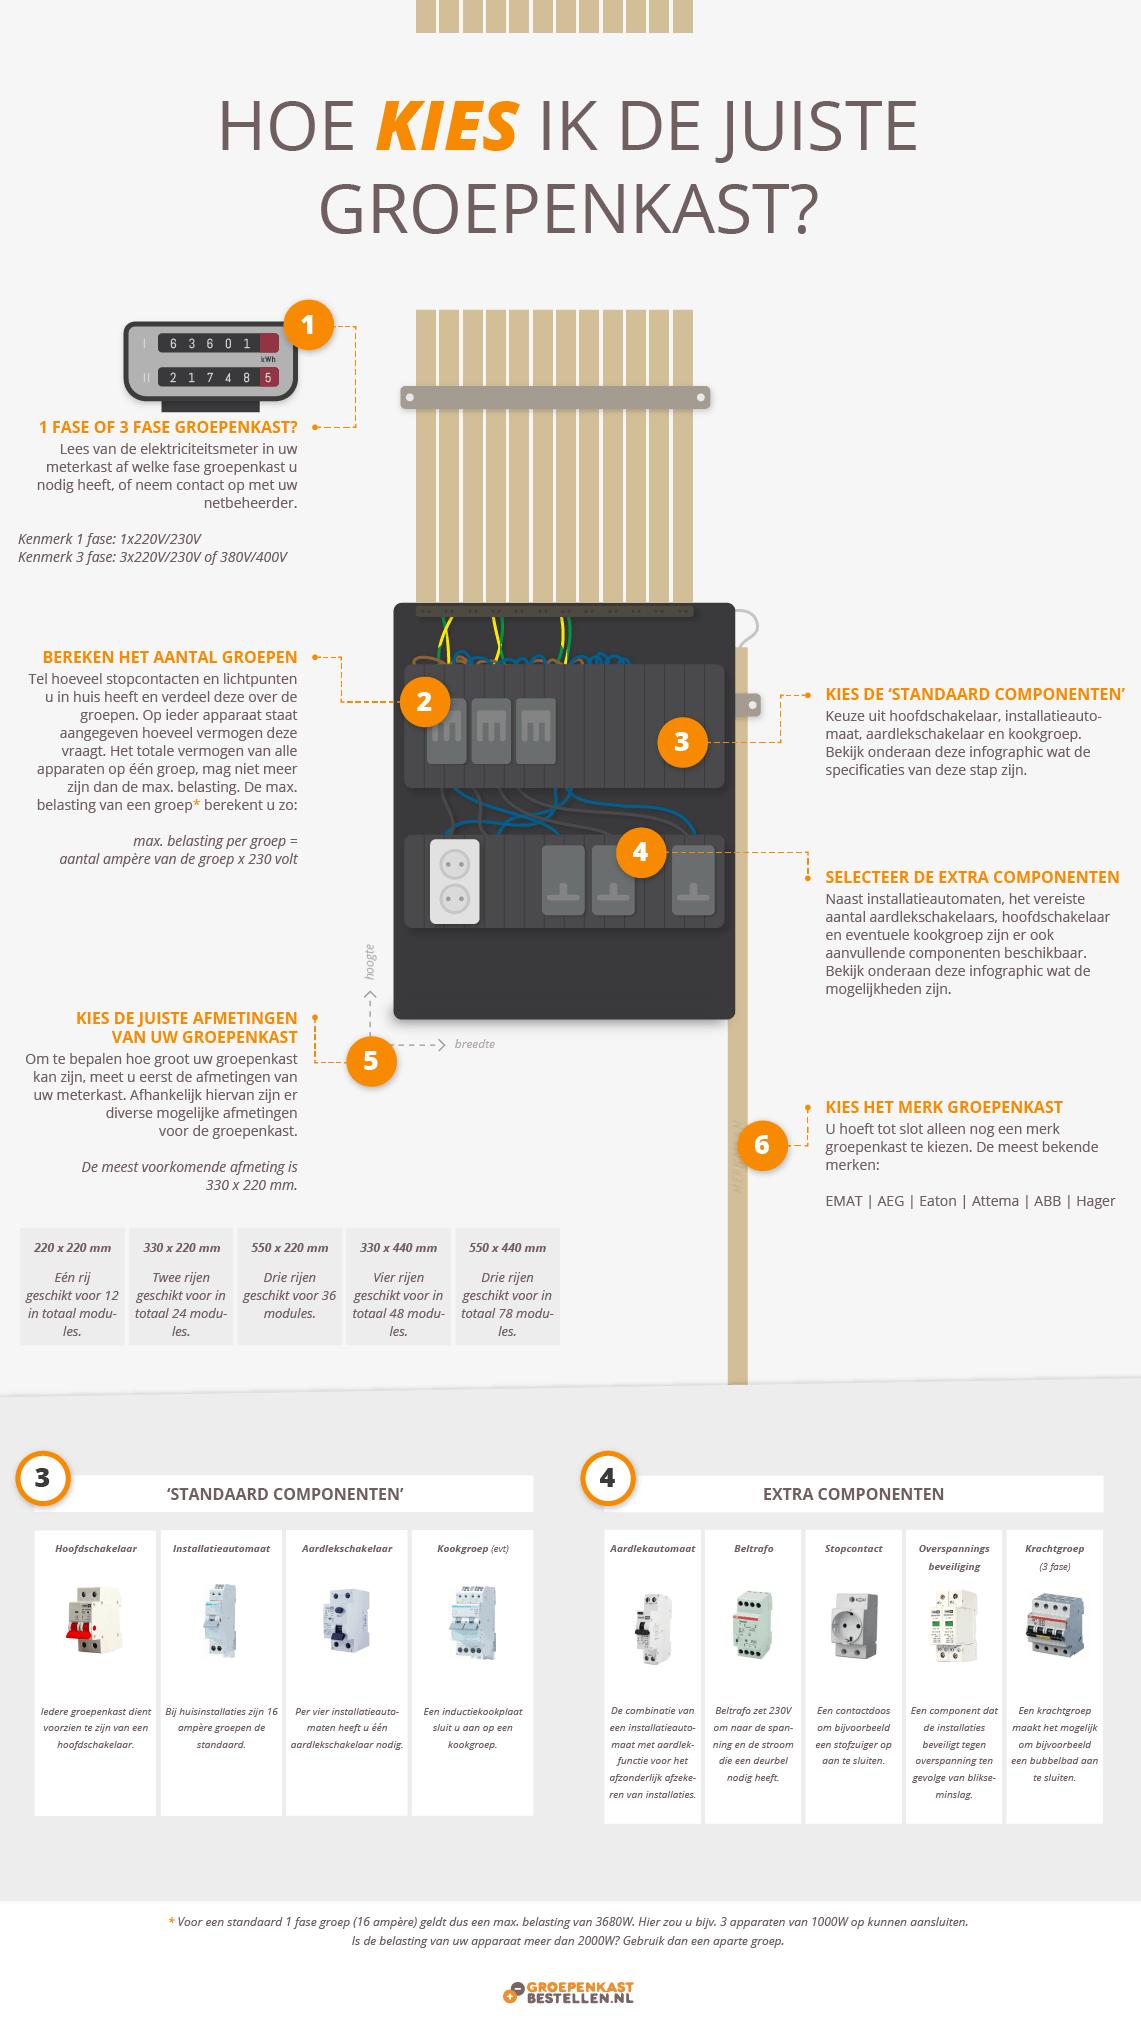 Kies in zes stappen gemakkelijk je groepenkast